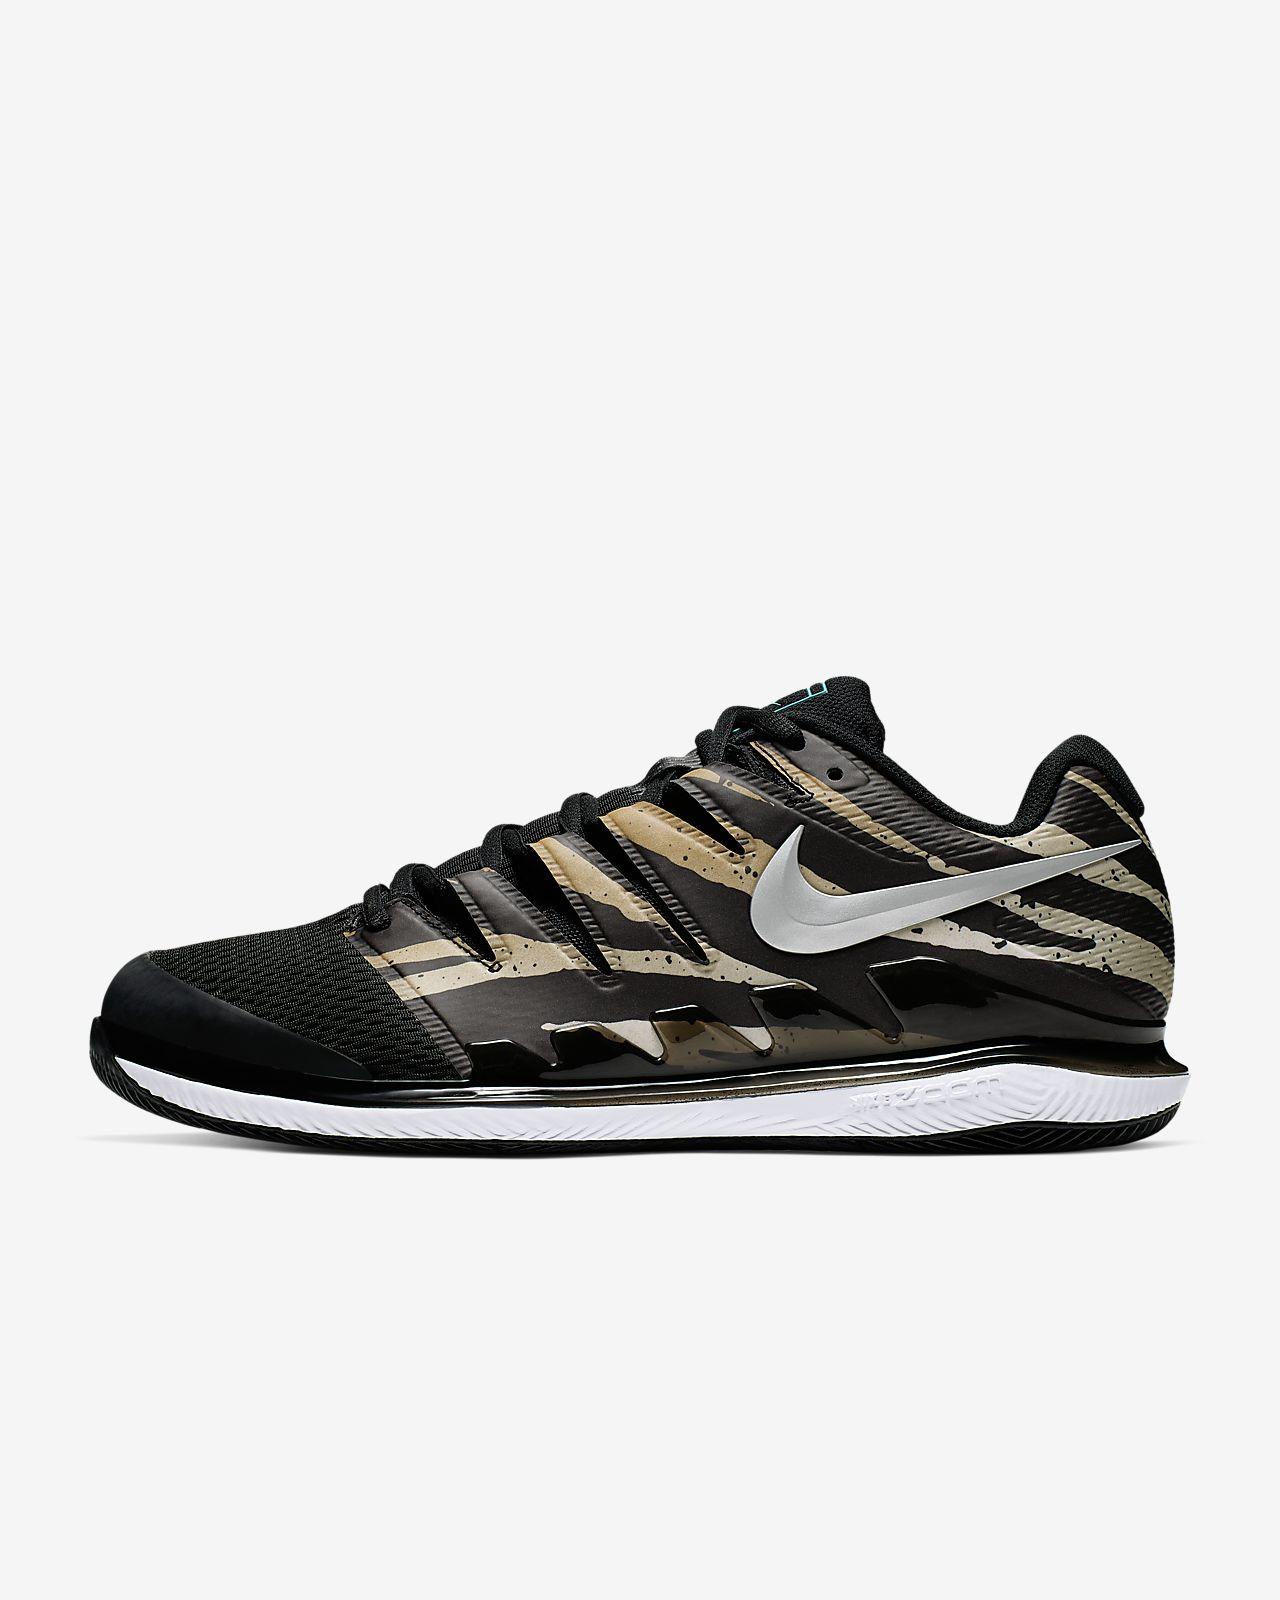 NikeCourt Air Zoom Vapor X Zapatillas de tenis de pista rápida Hombre